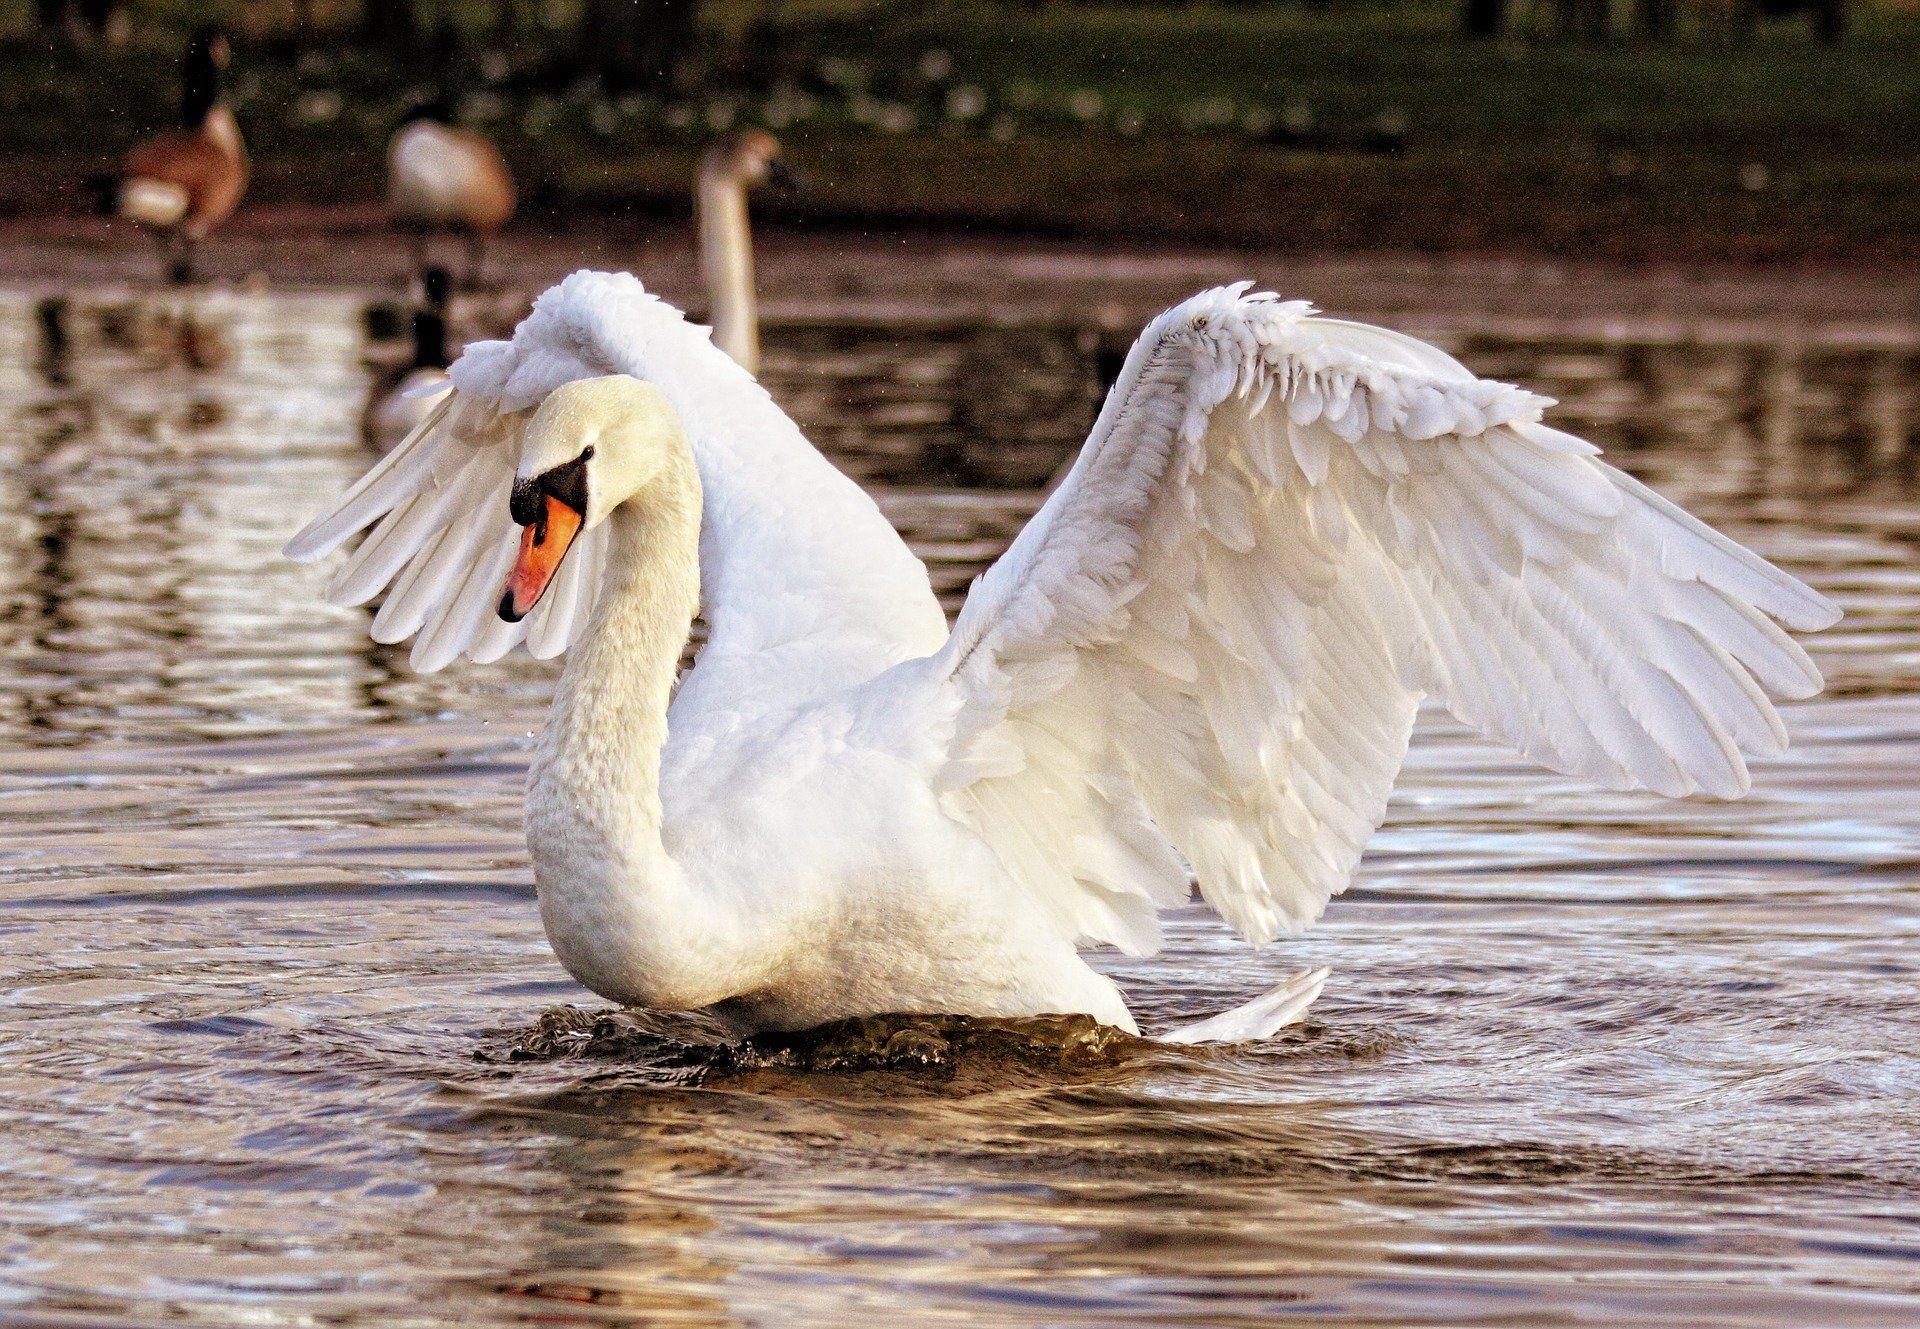 Смотреть красивое фото белого лебедя в среде обитания